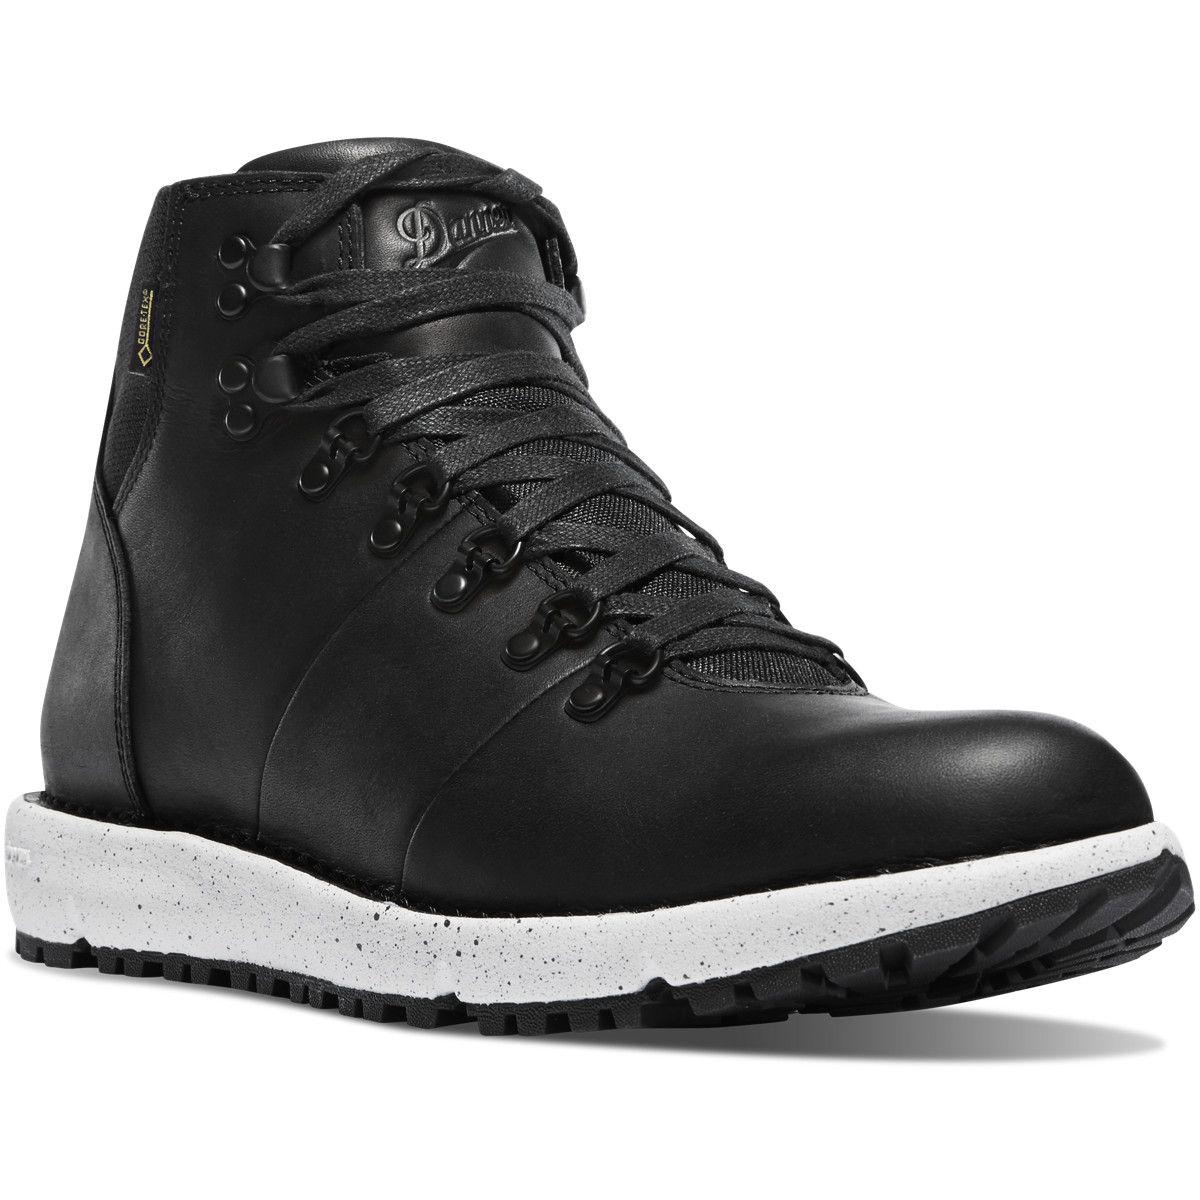 Mens Stumptown by Danner Men's Vertigo 1845 Lifestyle Boot Sale Outlet Size 45